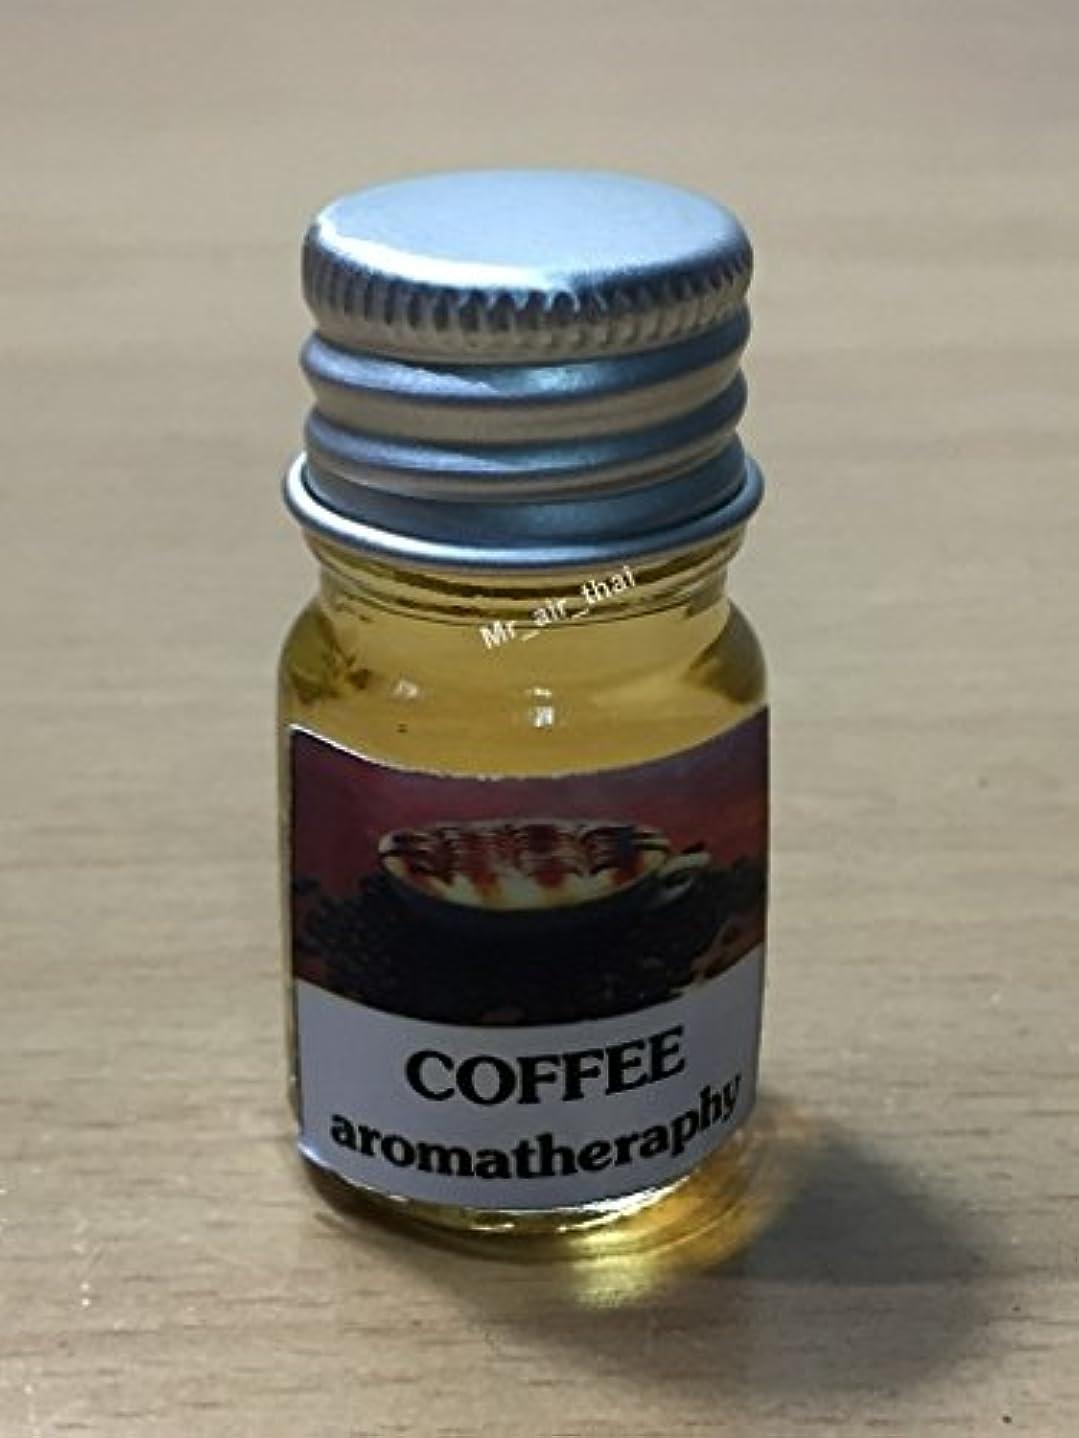 自明銃糞5ミリリットルアロマコーヒーフランクインセンスエッセンシャルオイルボトルアロマテラピーオイル自然自然5ml Aroma Coffee Frankincense Essential Oil Bottles Aromatherapy...